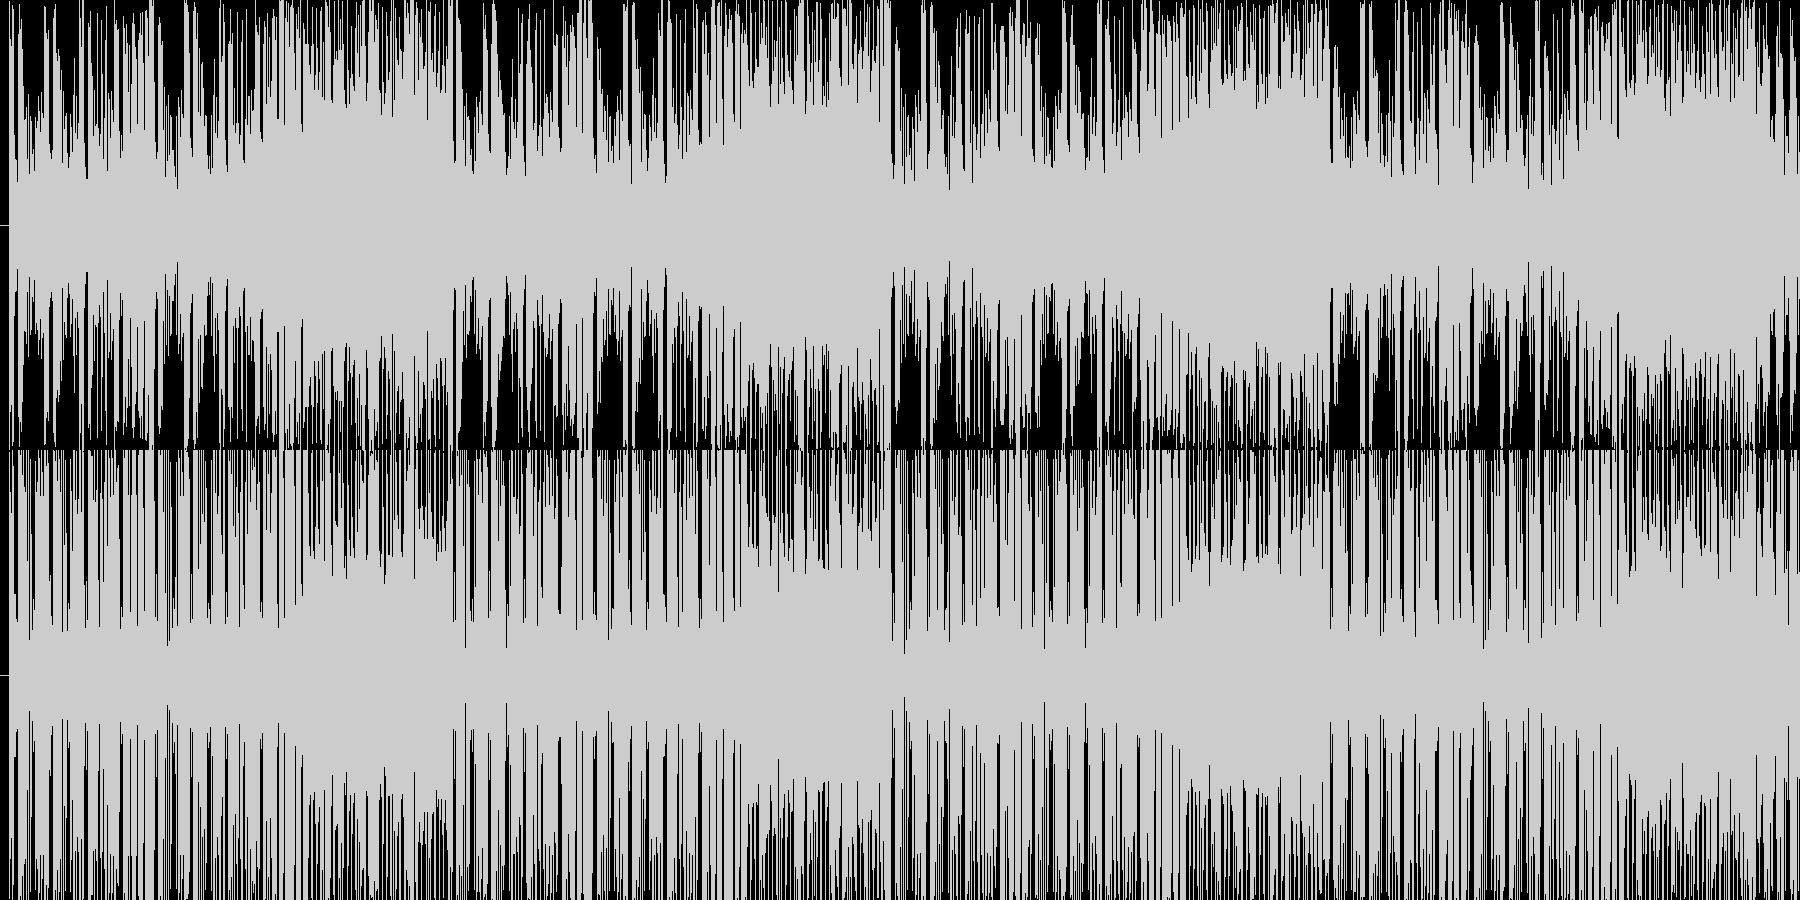 YMO的チャイニーズ調。レトロな雰囲気の未再生の波形